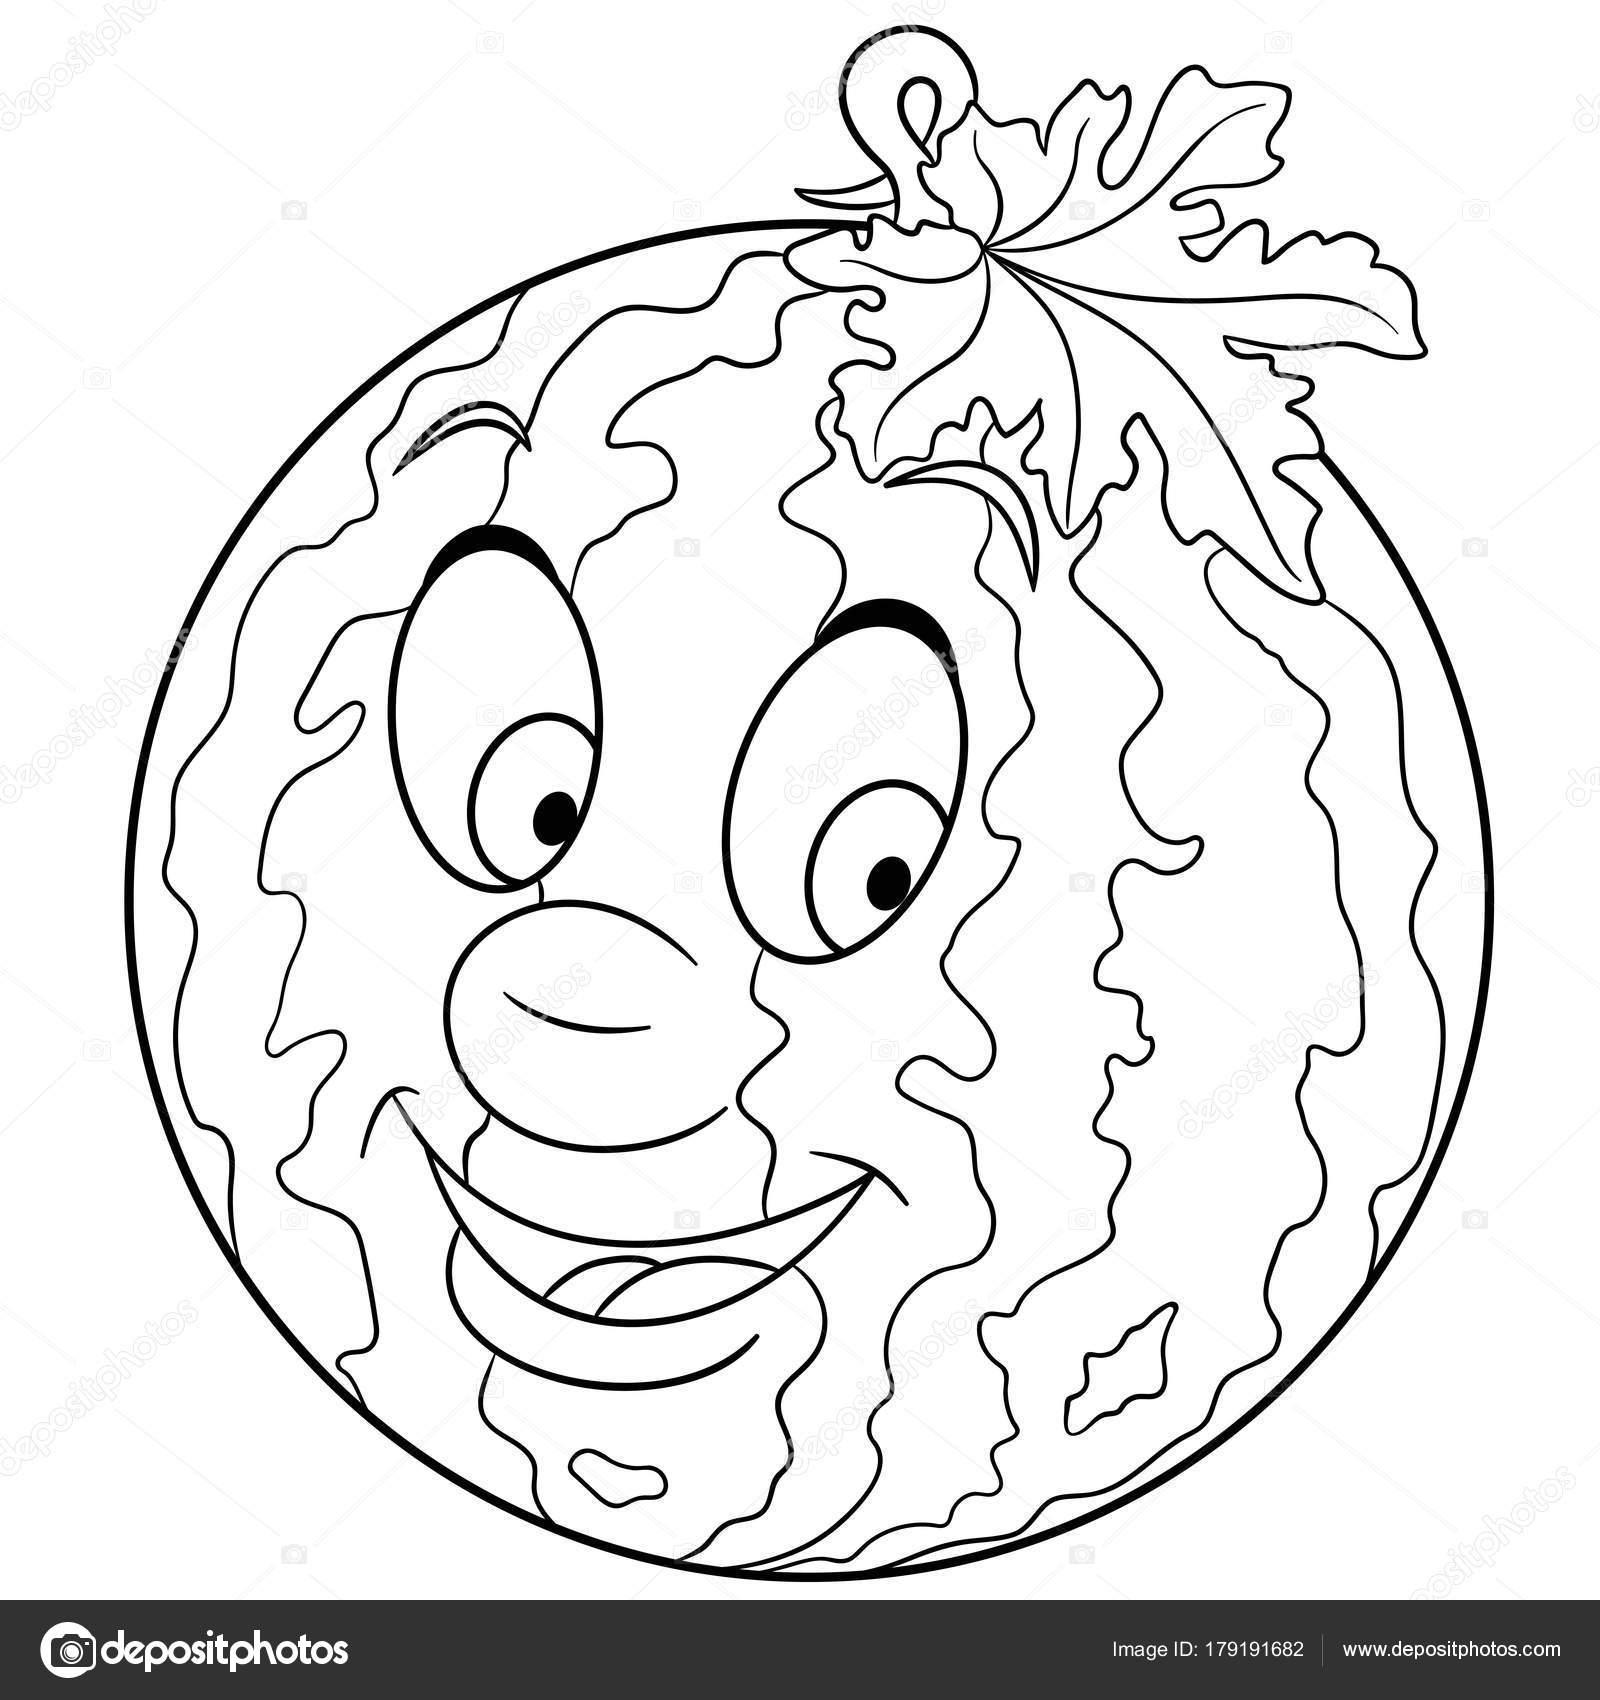 Boyama Kitabı Boyama Sayfası Karpuz Karakter Karikatür Mutlu Meyve